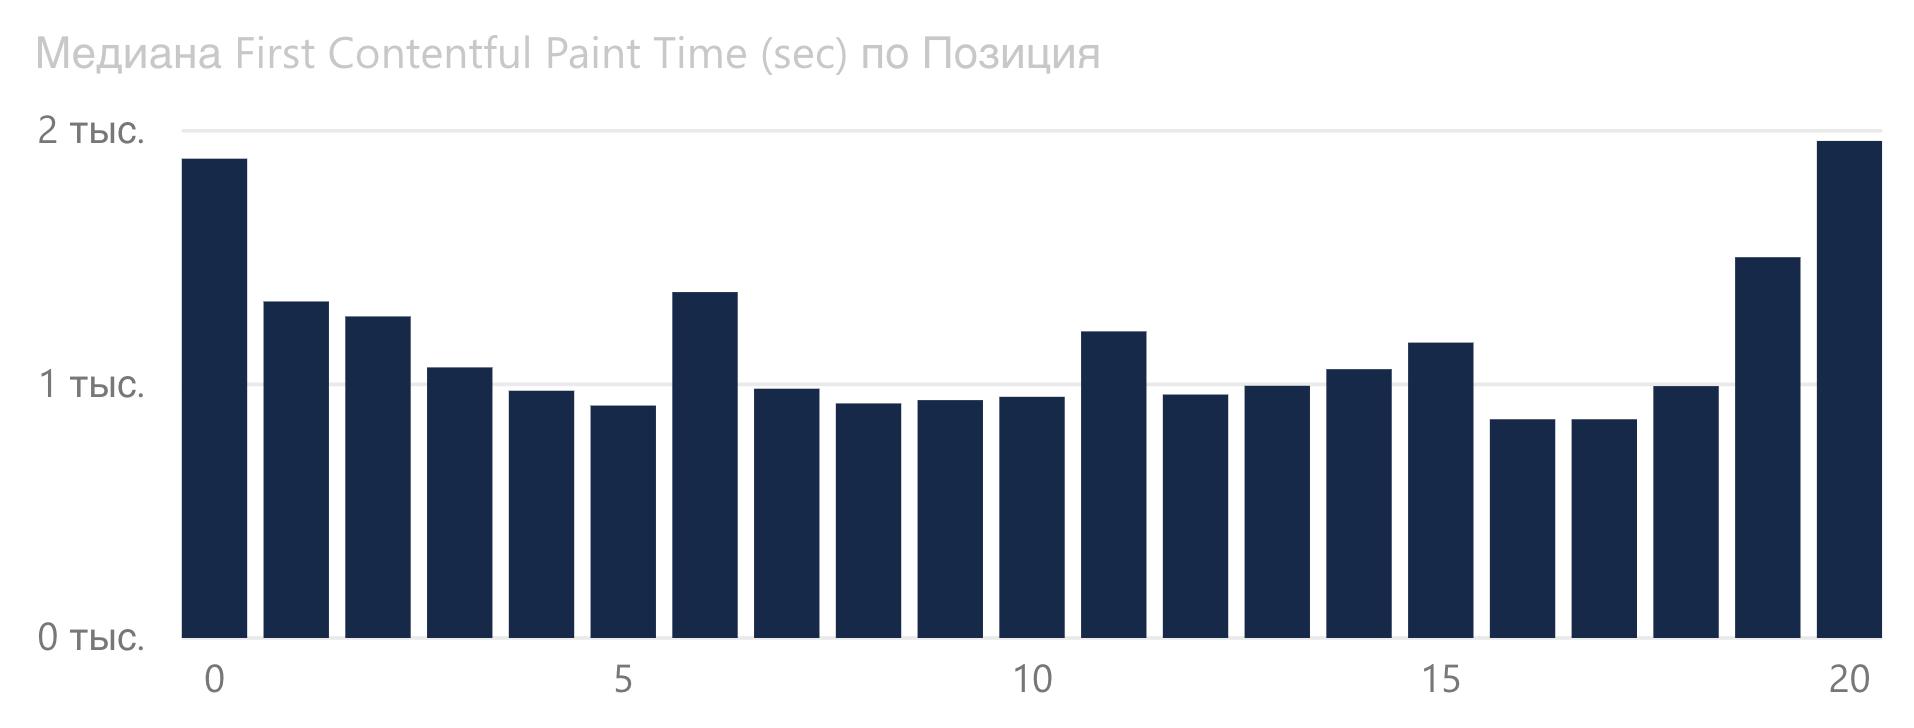 График зависимости First Contentful Paint от позиции Google для статейных сайтов.